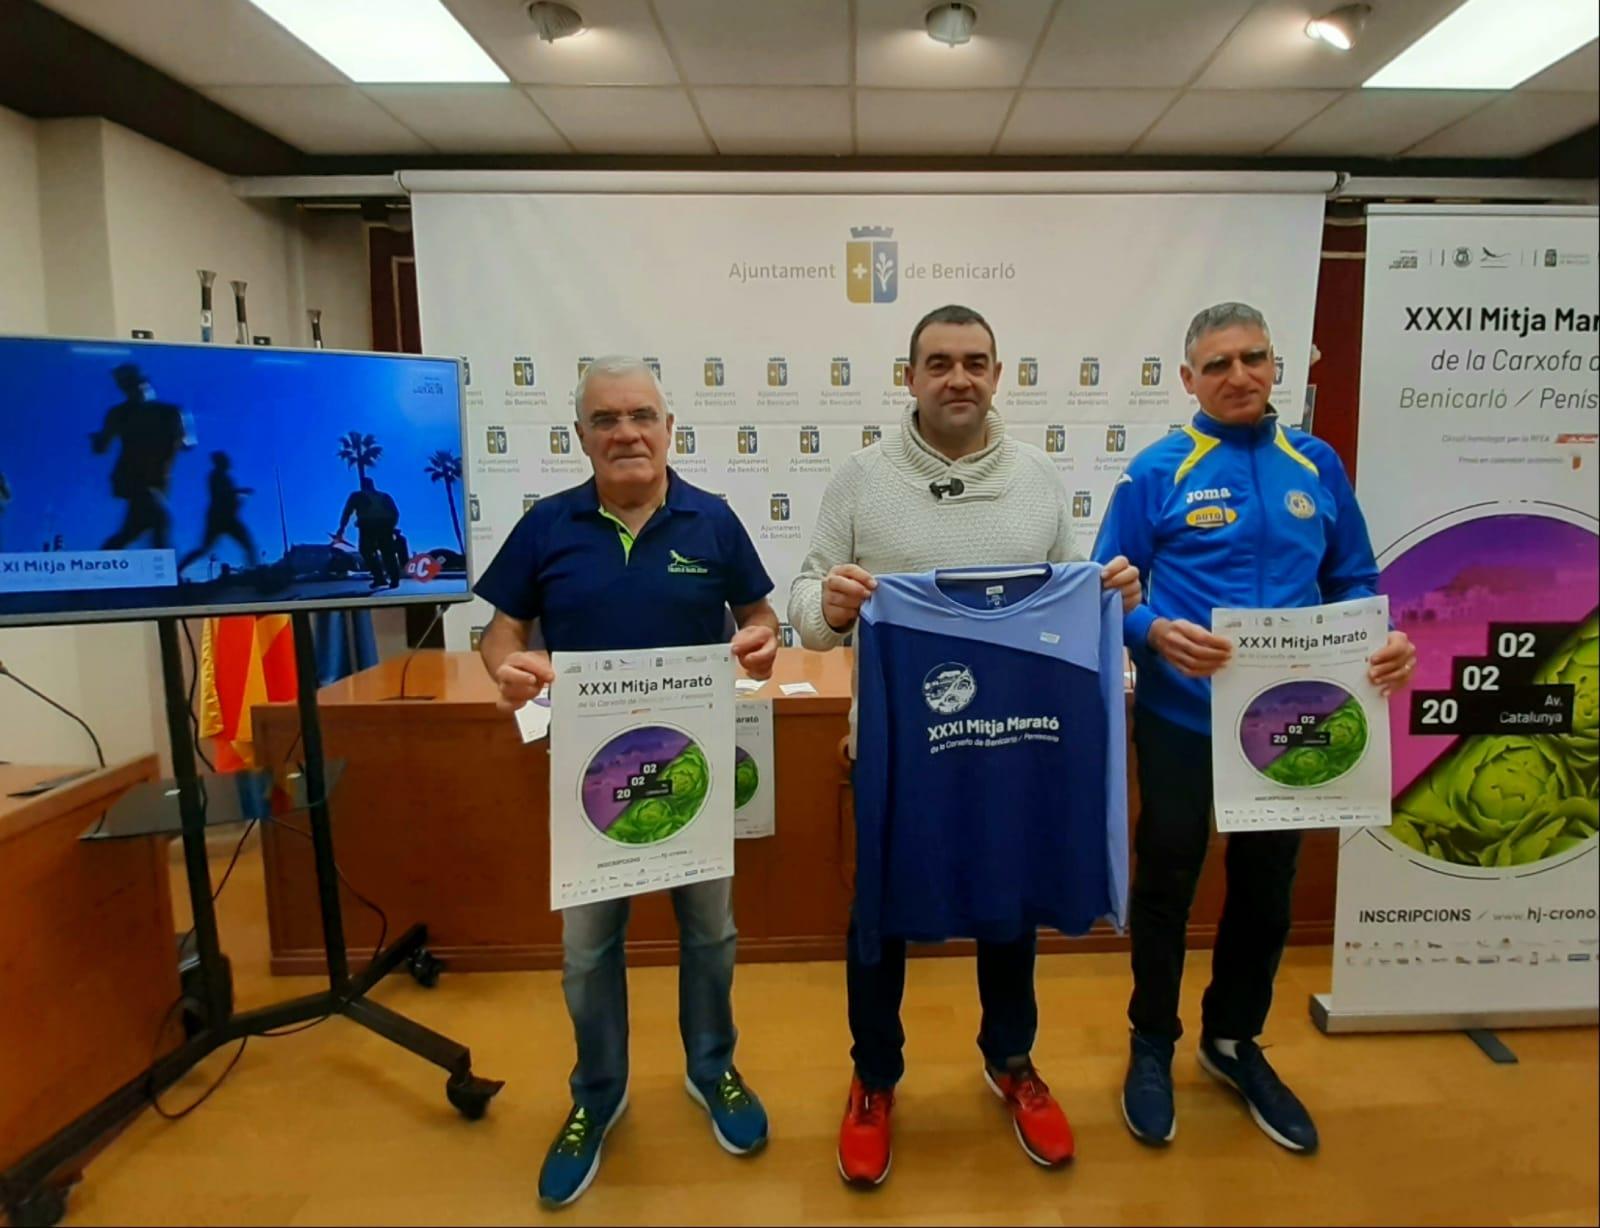 La Mitja Marató de la Carxofa Benicarló - Peníscola s'inclou dins del Circuit de Mitges Maratons de la Diputació